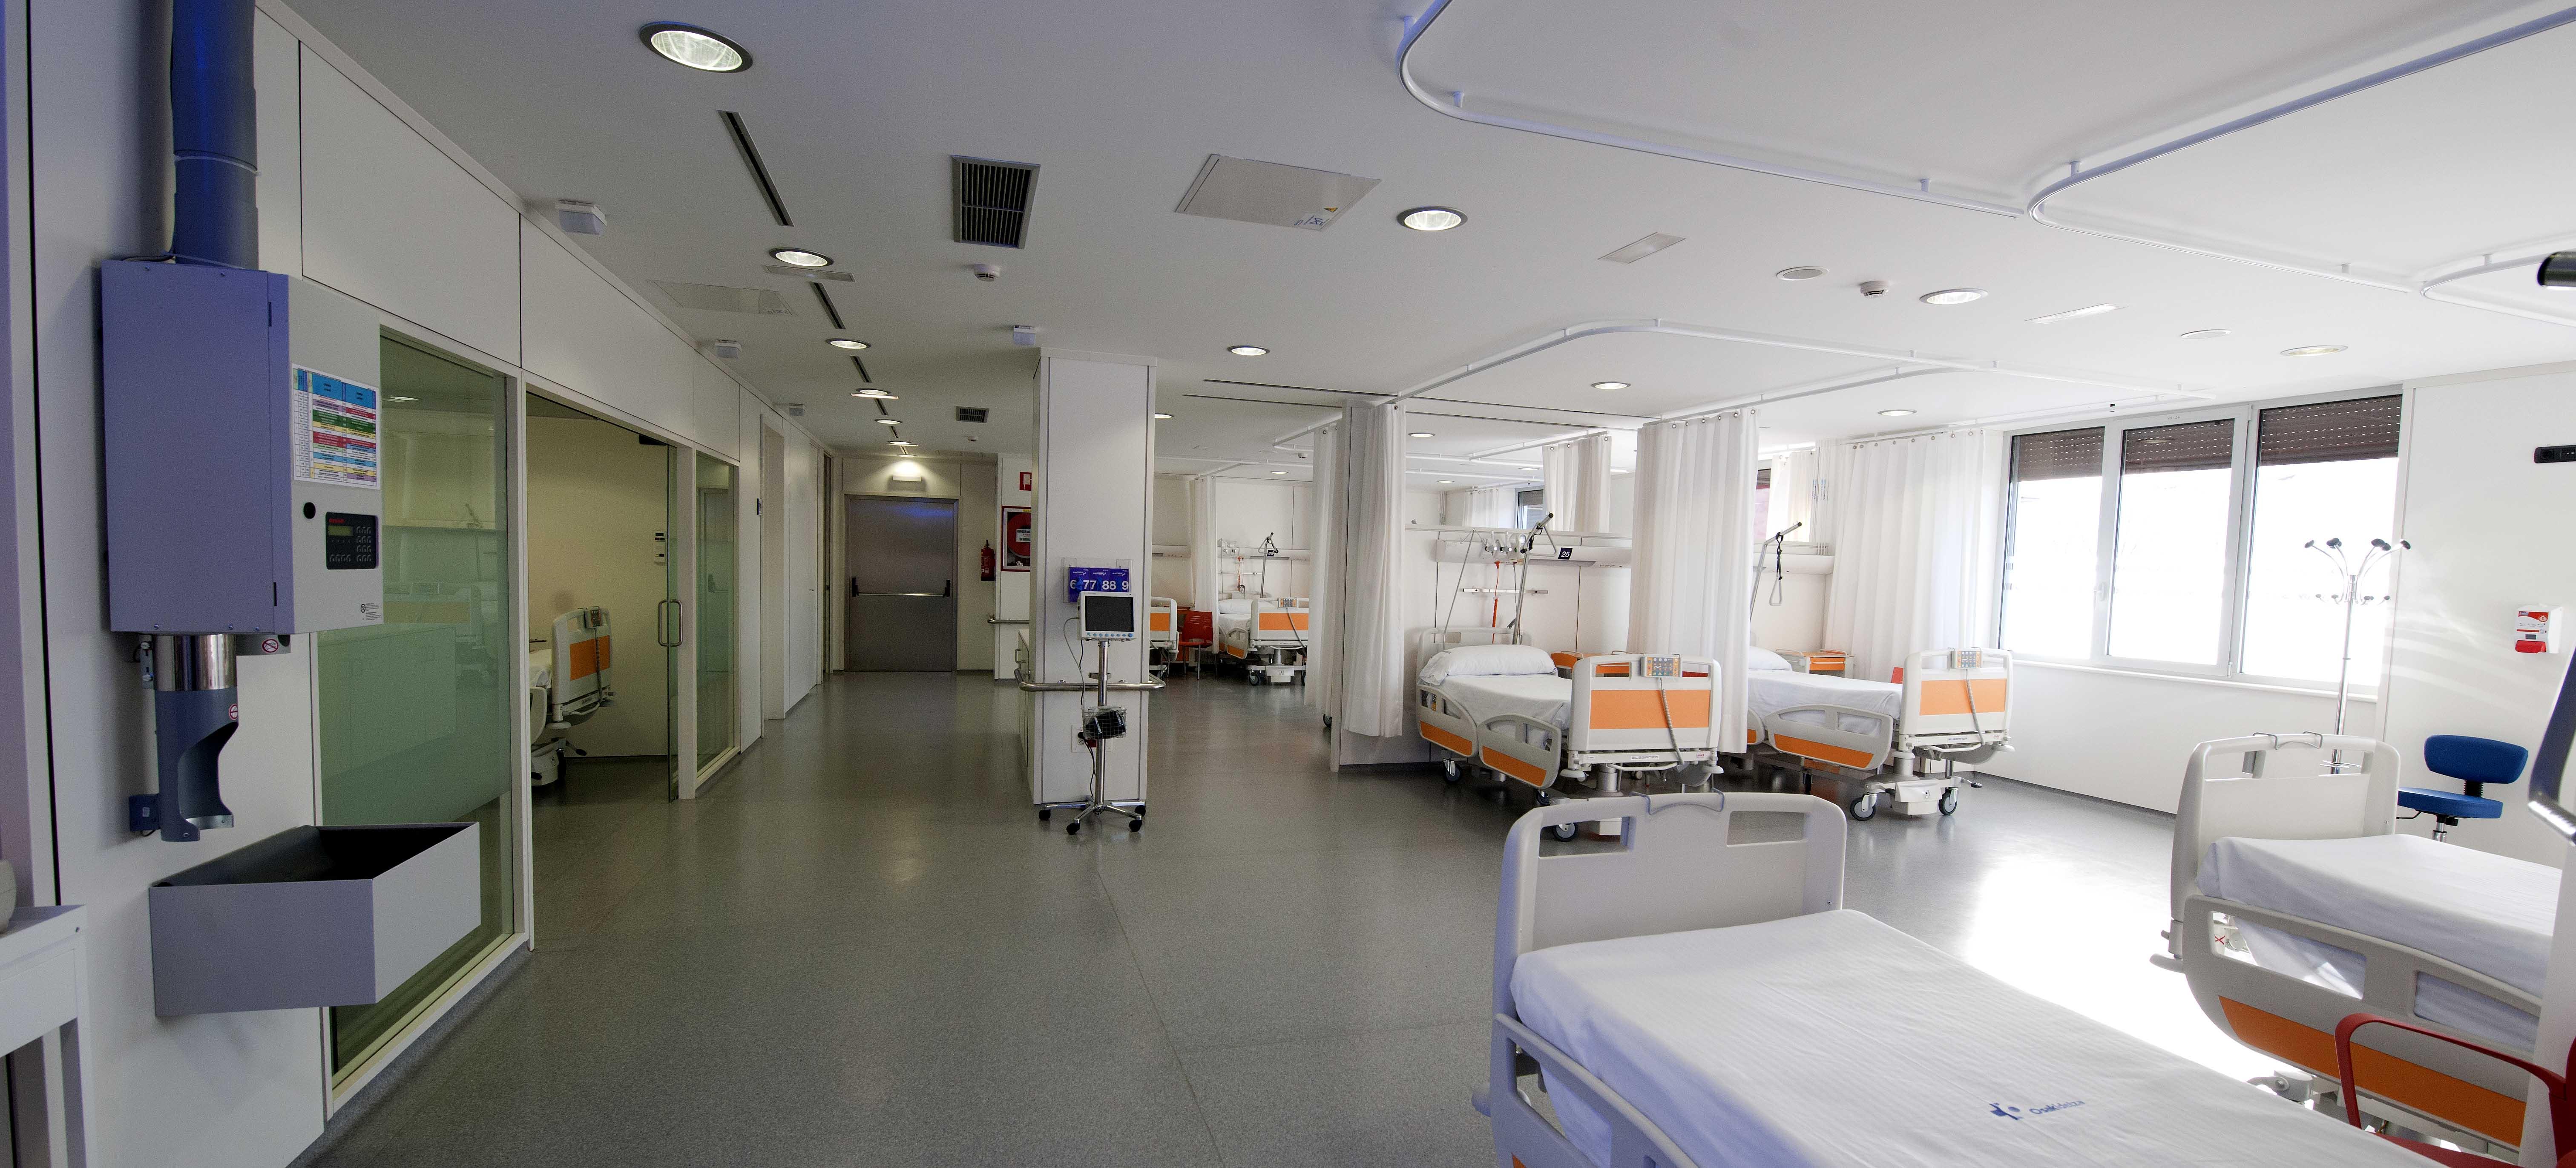 2012_02_23_bengoa_hospital_galdakao_10.jpg